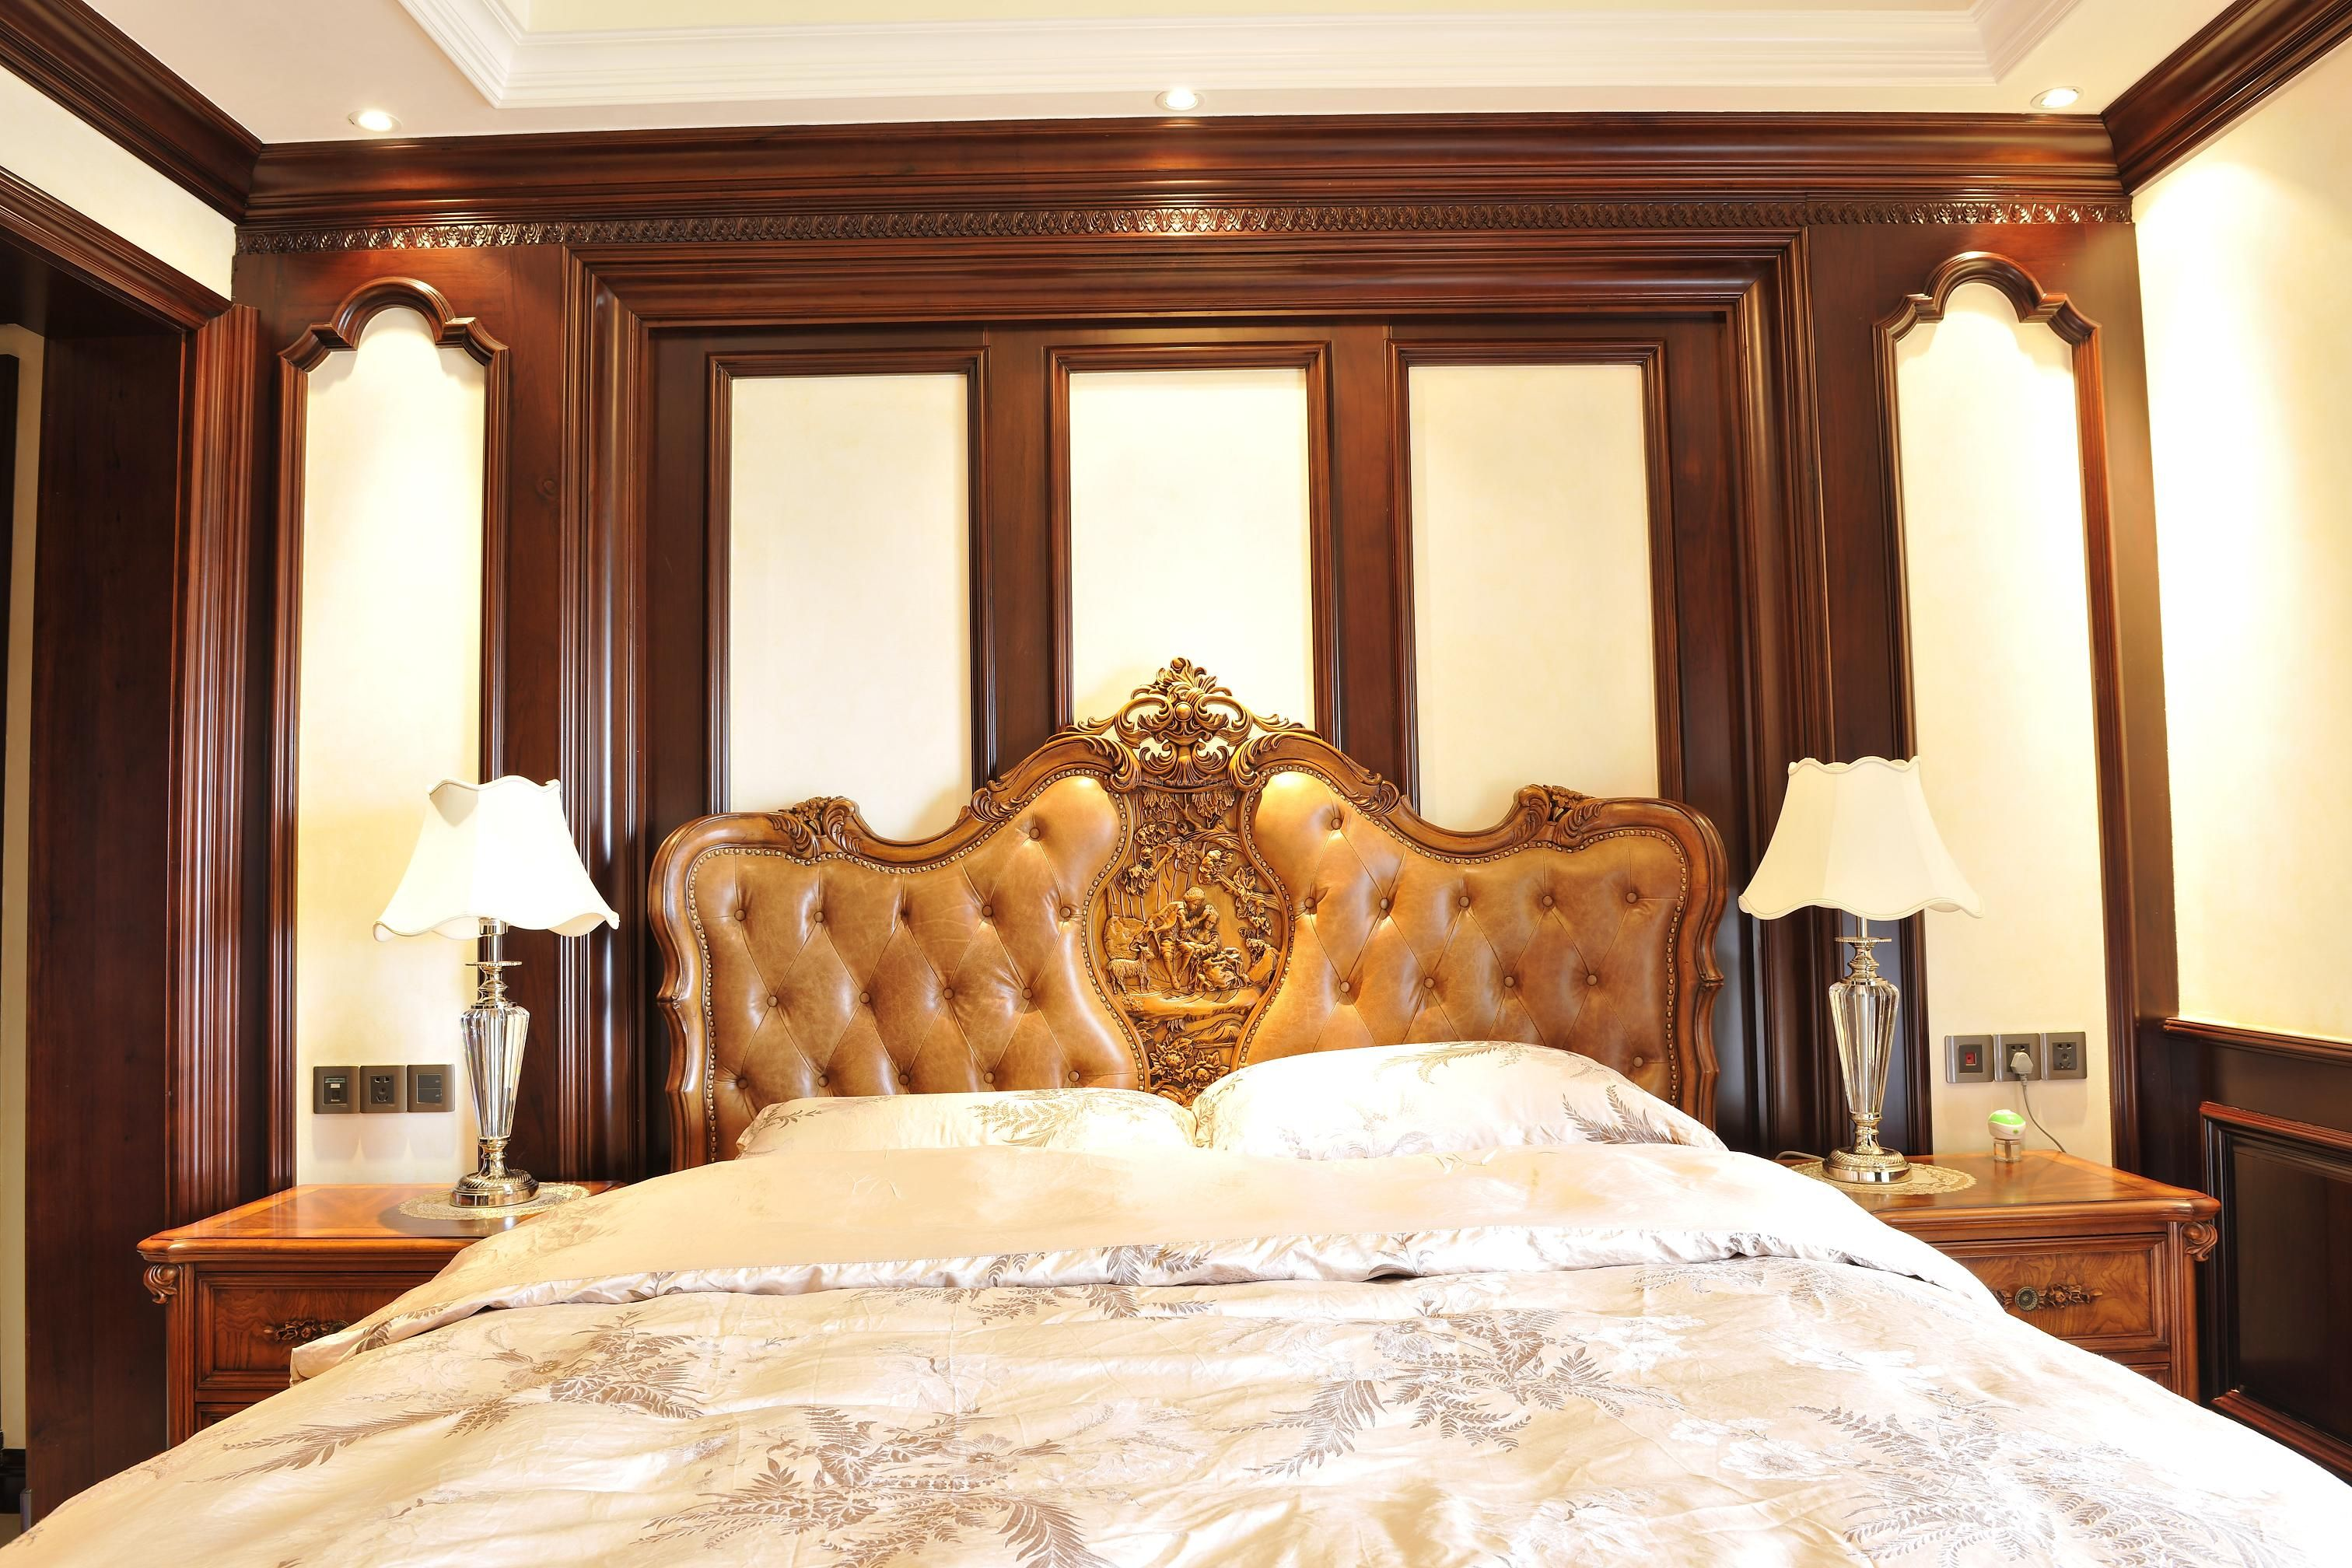 2017美式家居卧室床头背景墙装修效果图片图片